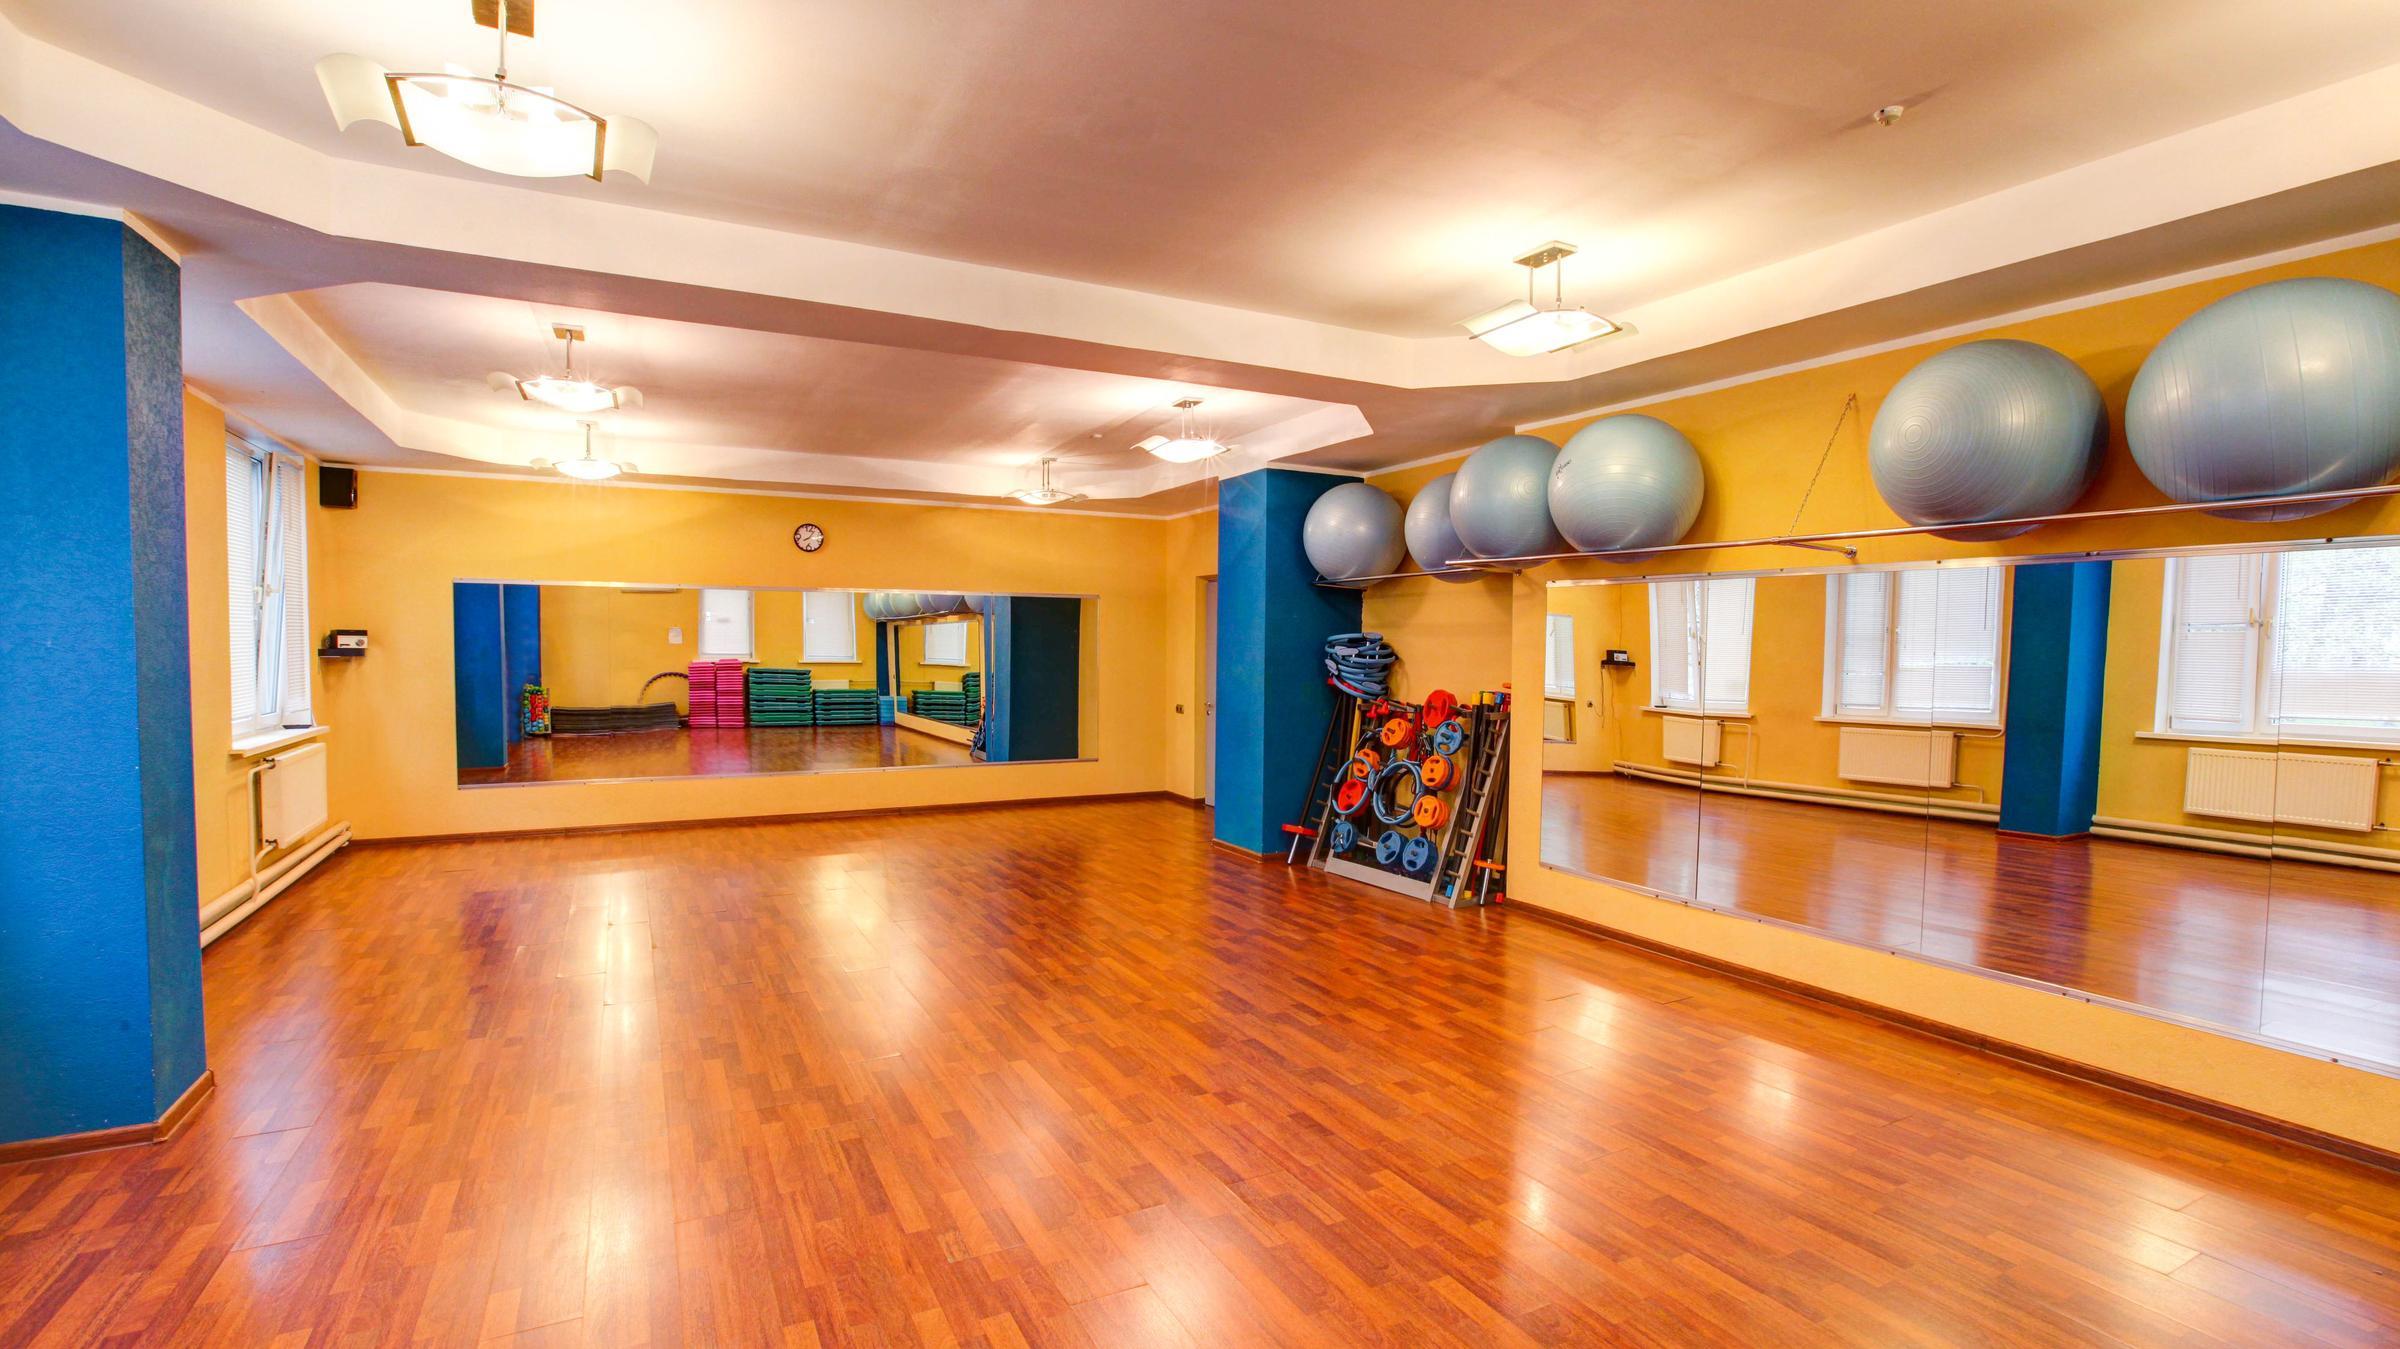 Москва район коптево фитнес клуб открылся новый клуб москва